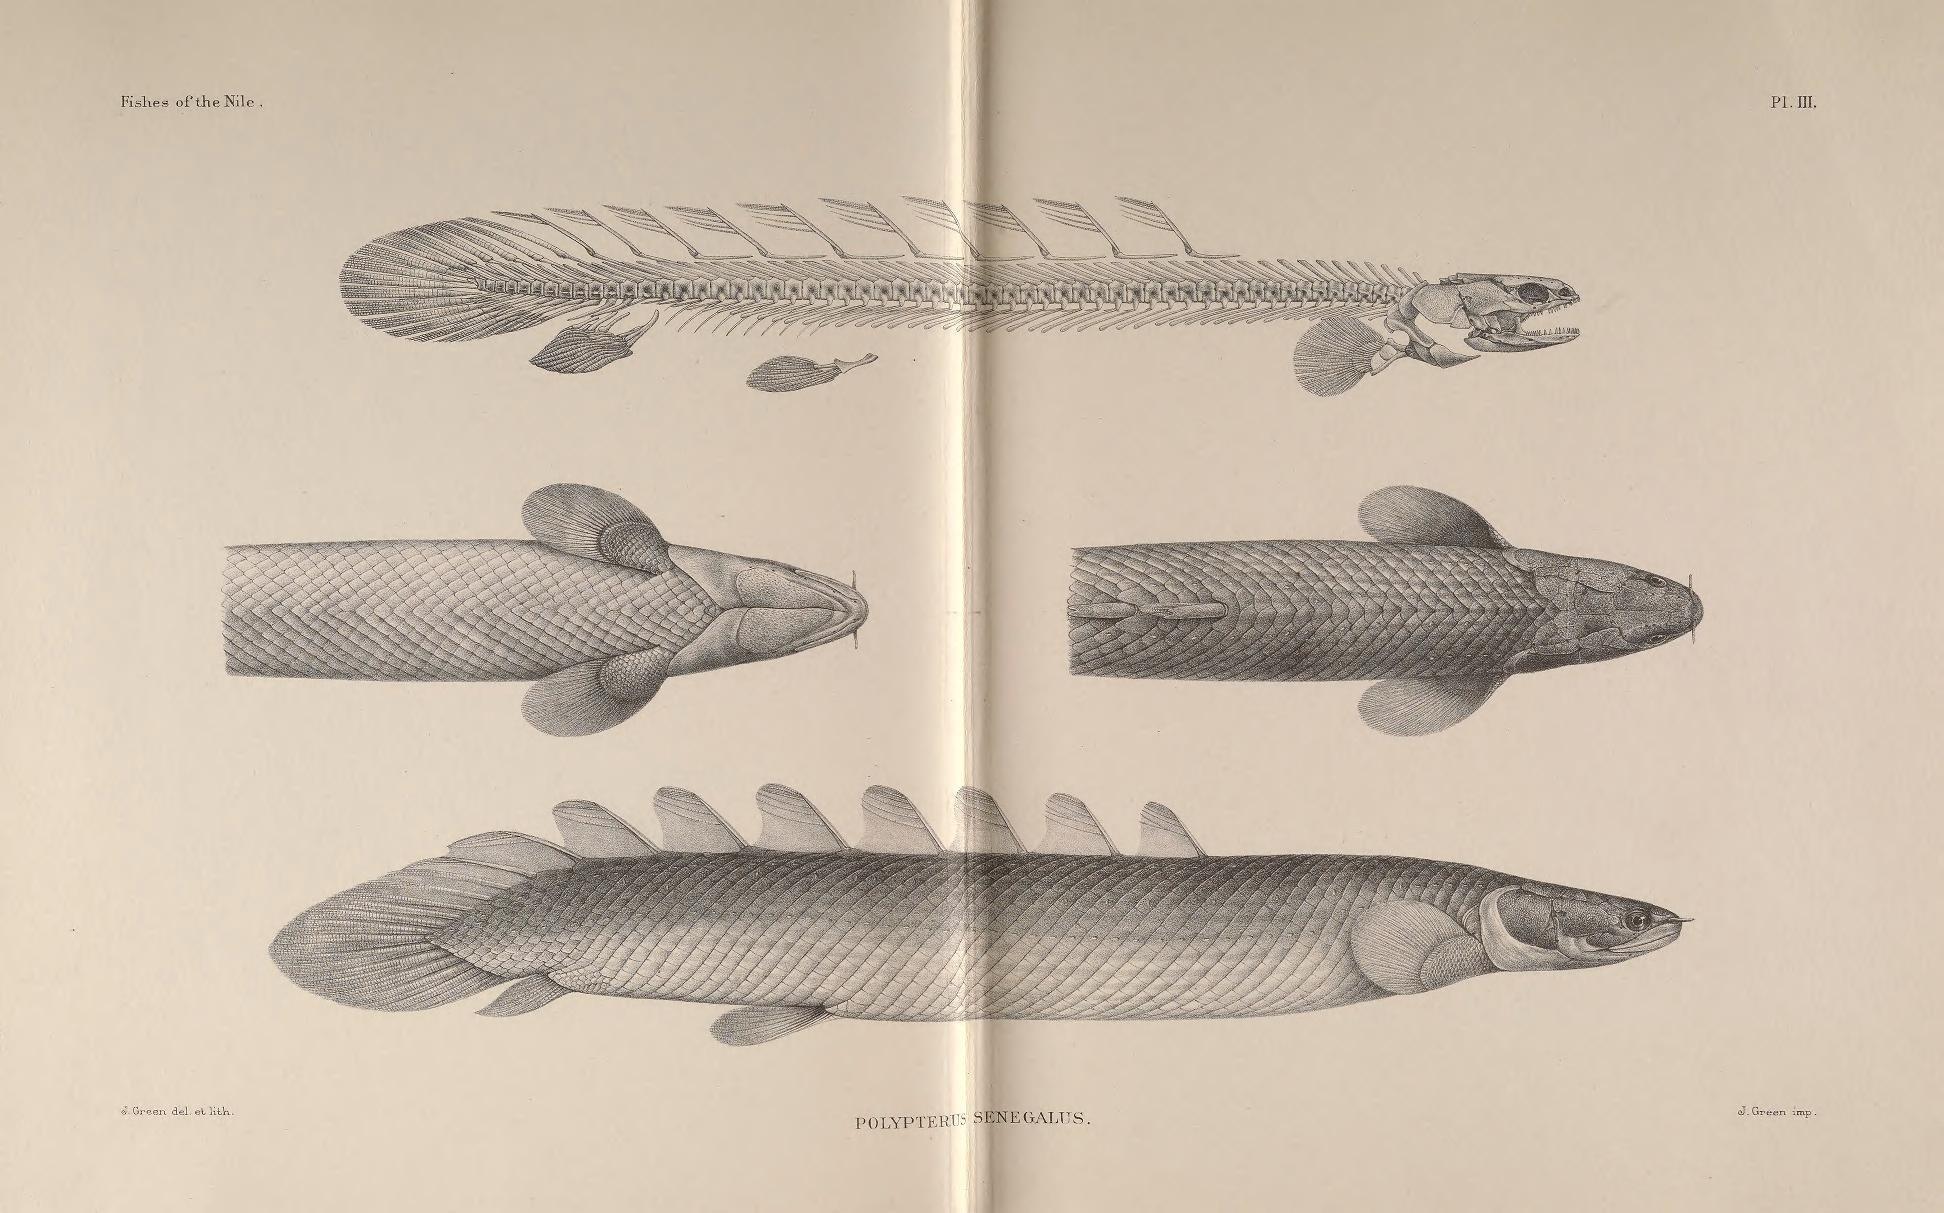 Image of Gray bichir